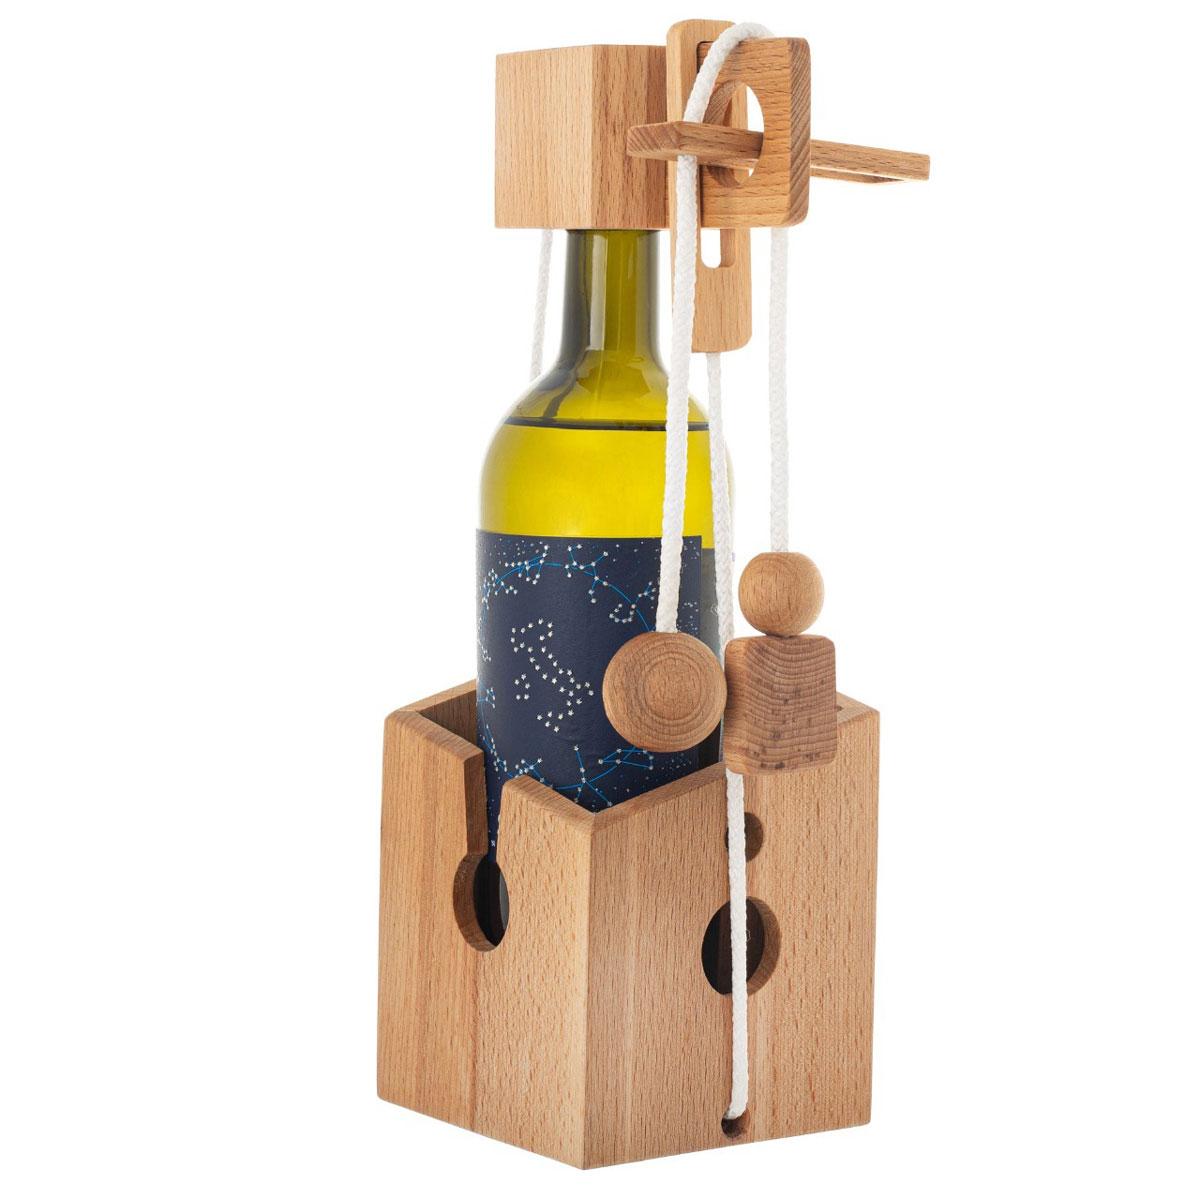 головоломка для бутылки вина купить